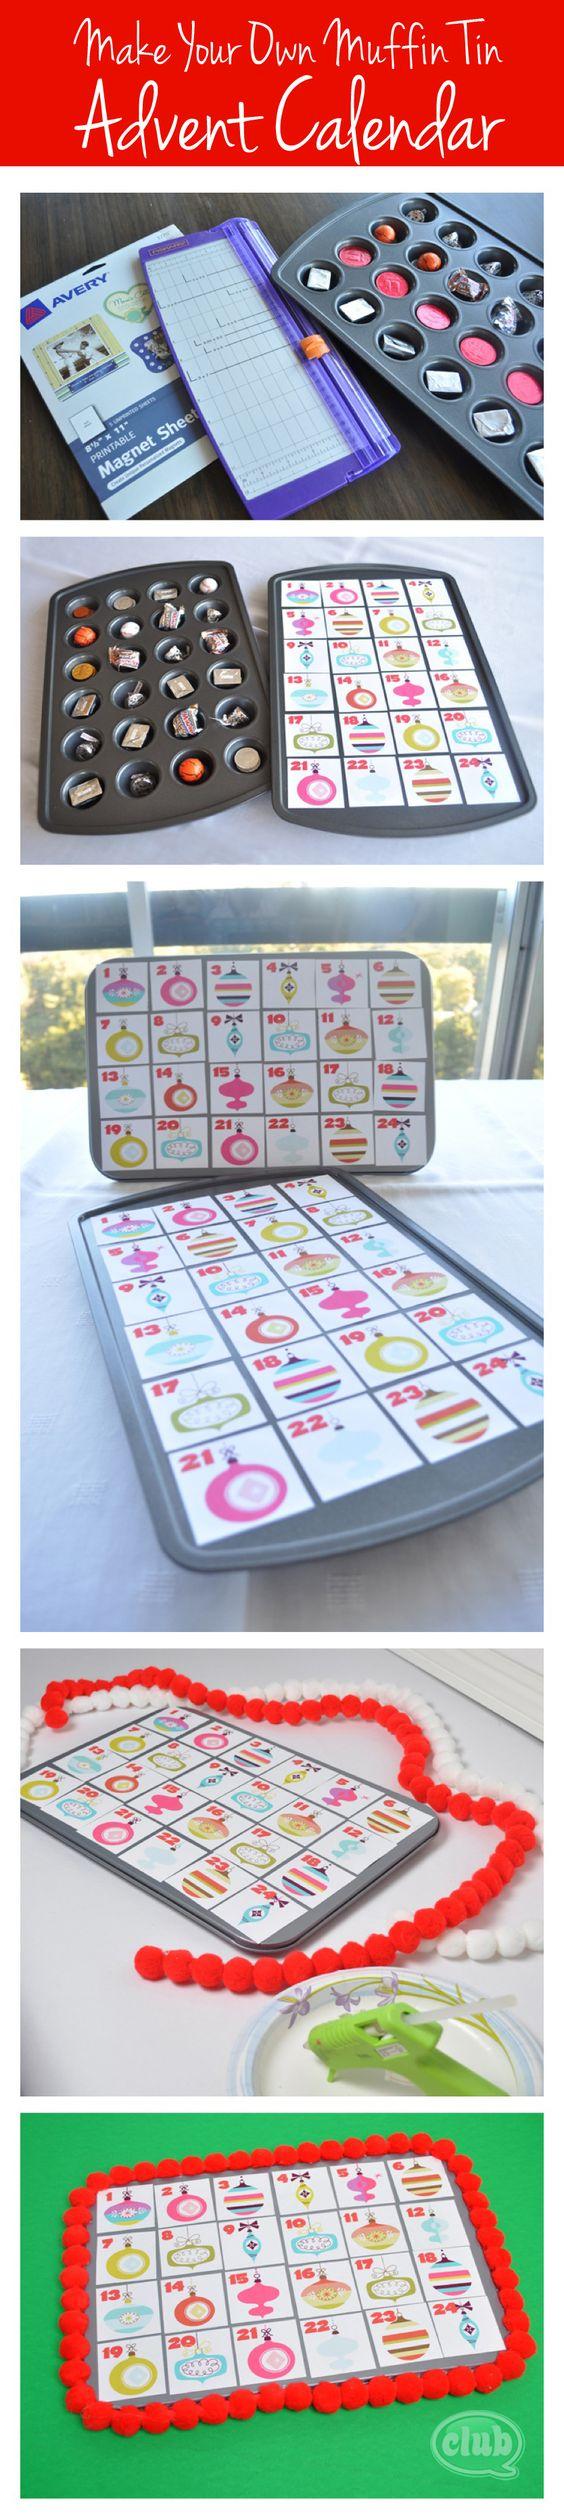 Adventskalender aus einer 24er Mini-Muffinform, gefüllt mit kleinen Überraschungen! Was für eine tolle Idee!!